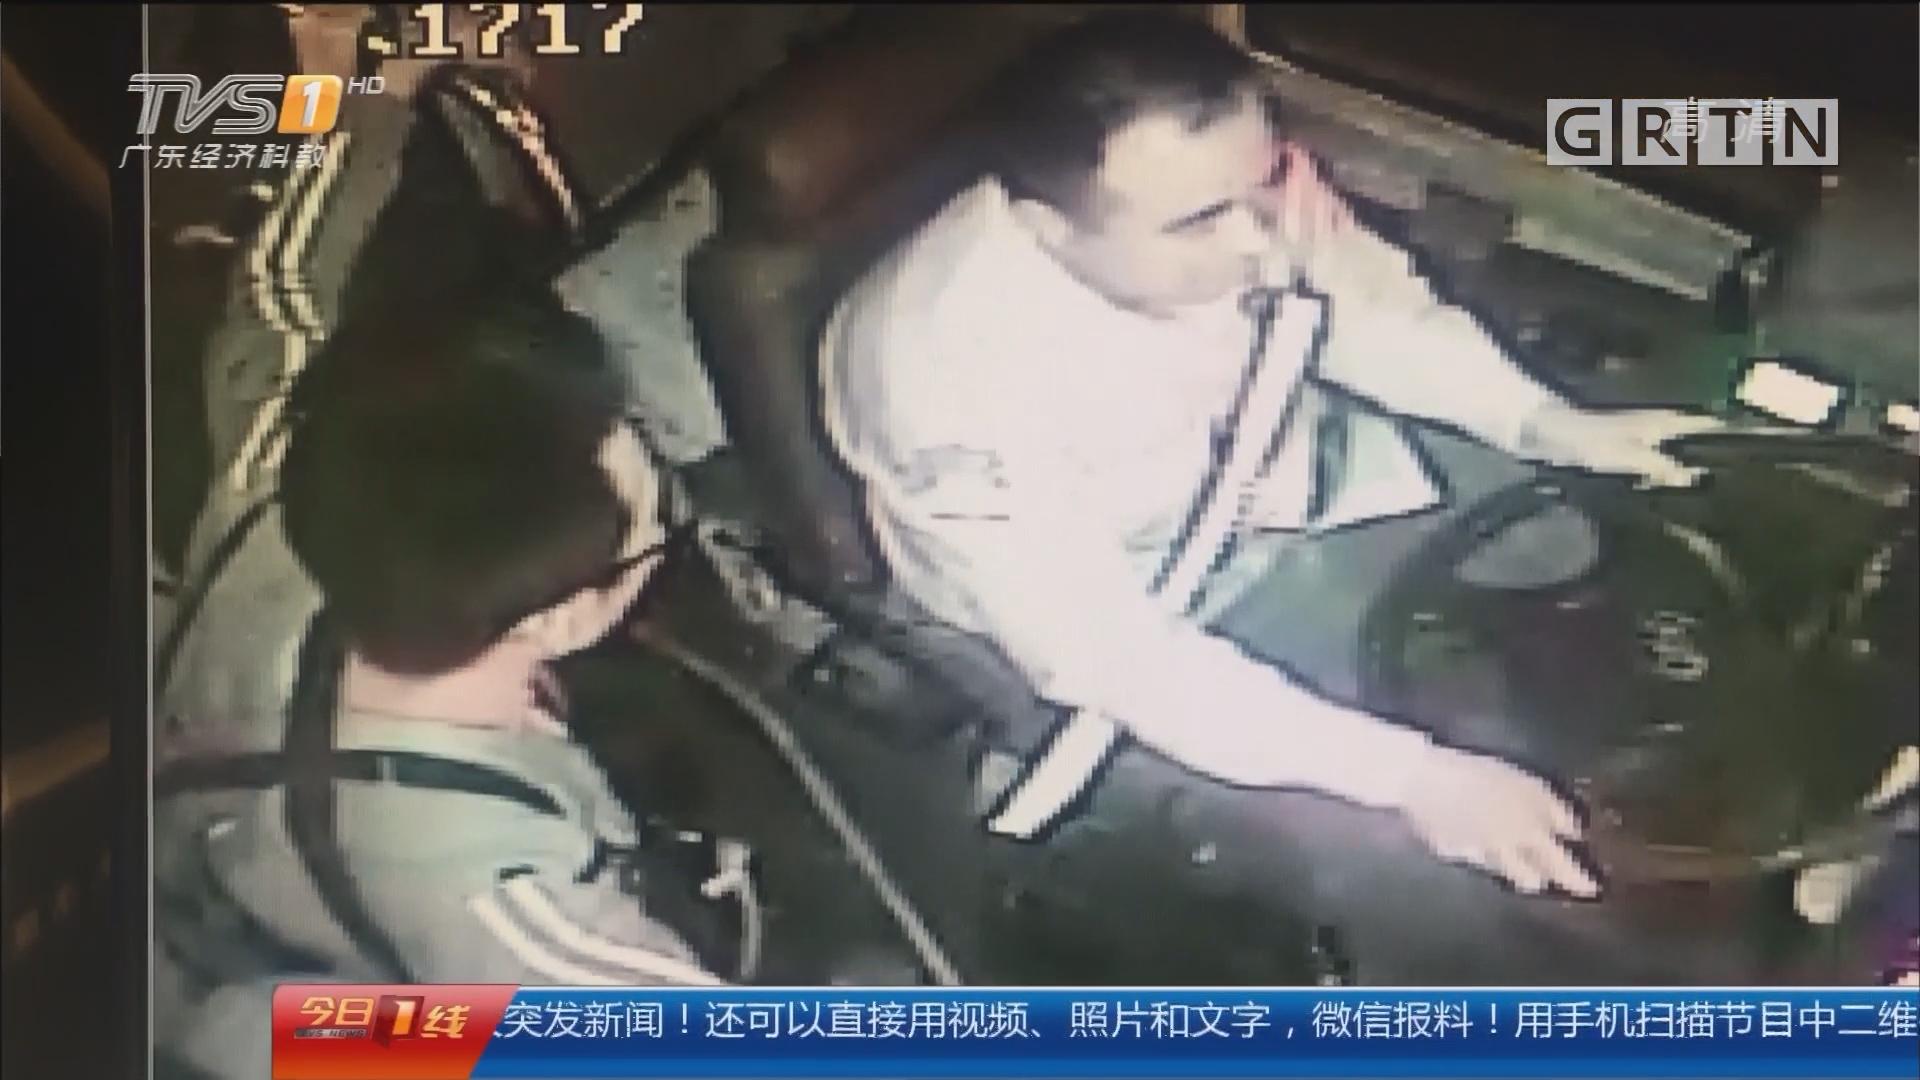 广州:醉汉公车上胡闹 扬言要烧车被抓